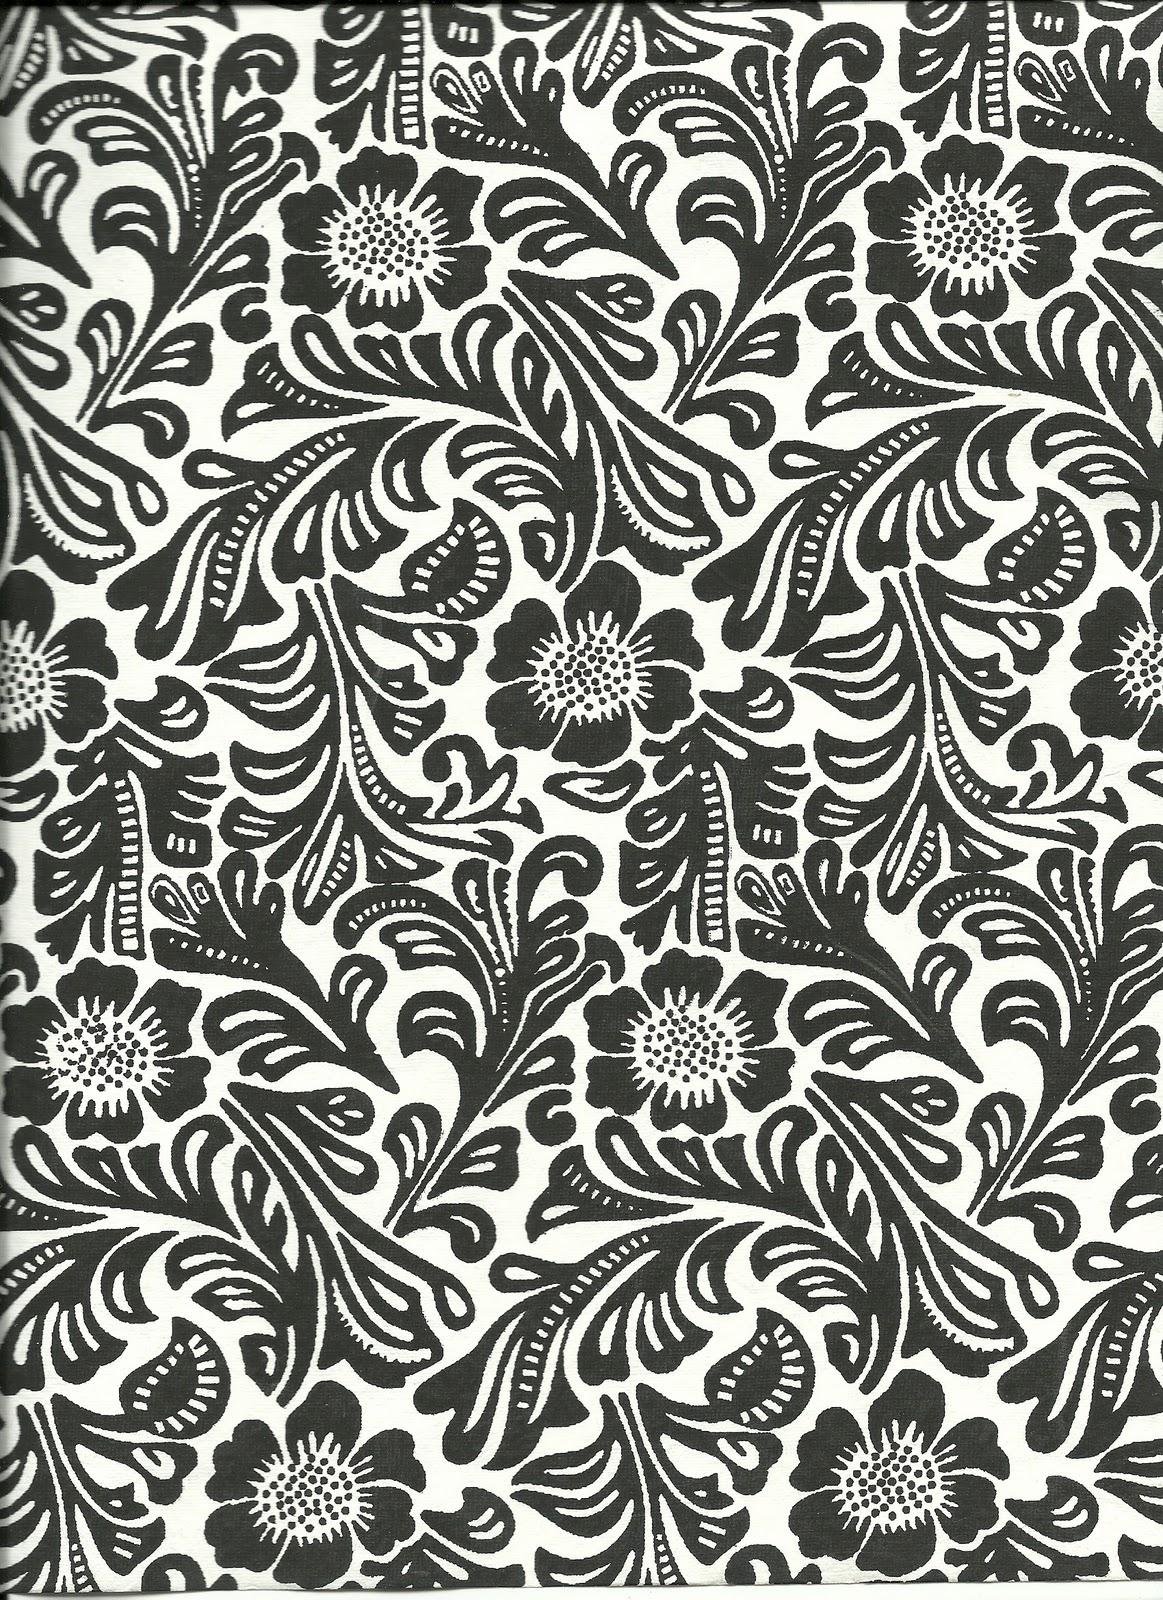 Papeles servilletas y telas de tere papeles flores 017 - Papeles y telas ...